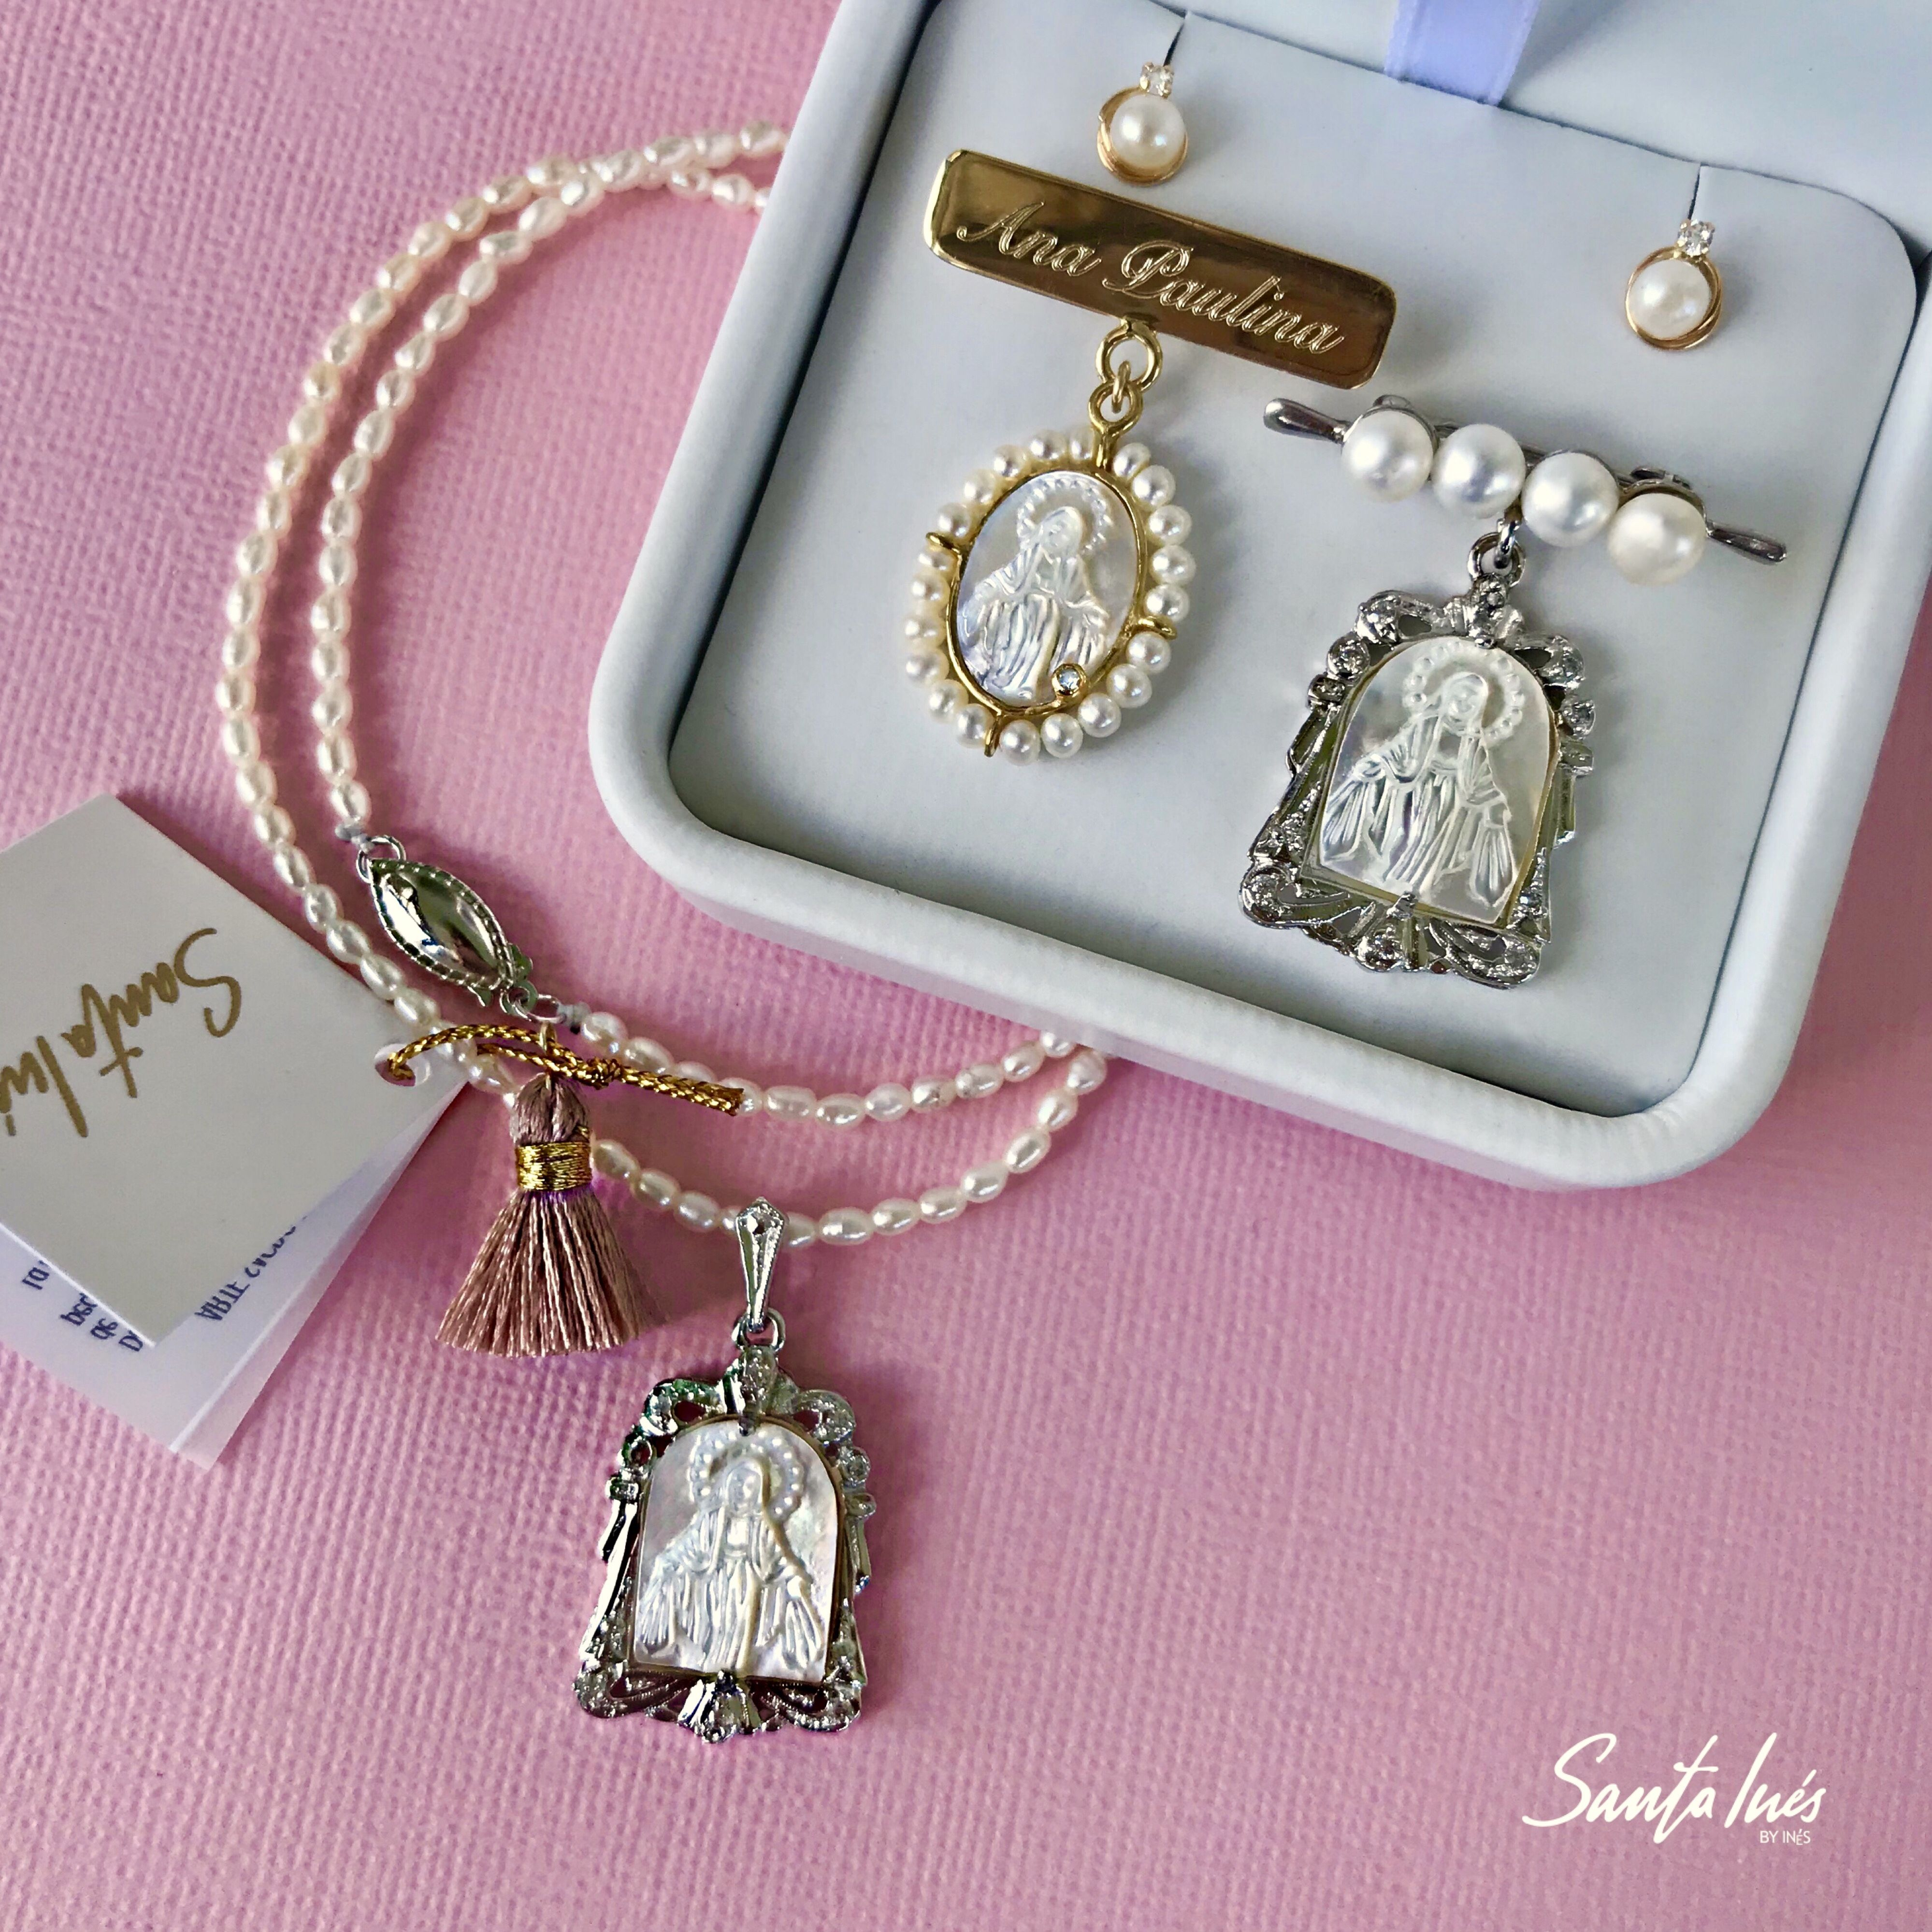 ff519f3a4561 Medallas de la Virgen Milagrosa para mamá e hija 💕 en oro 14k y plata .